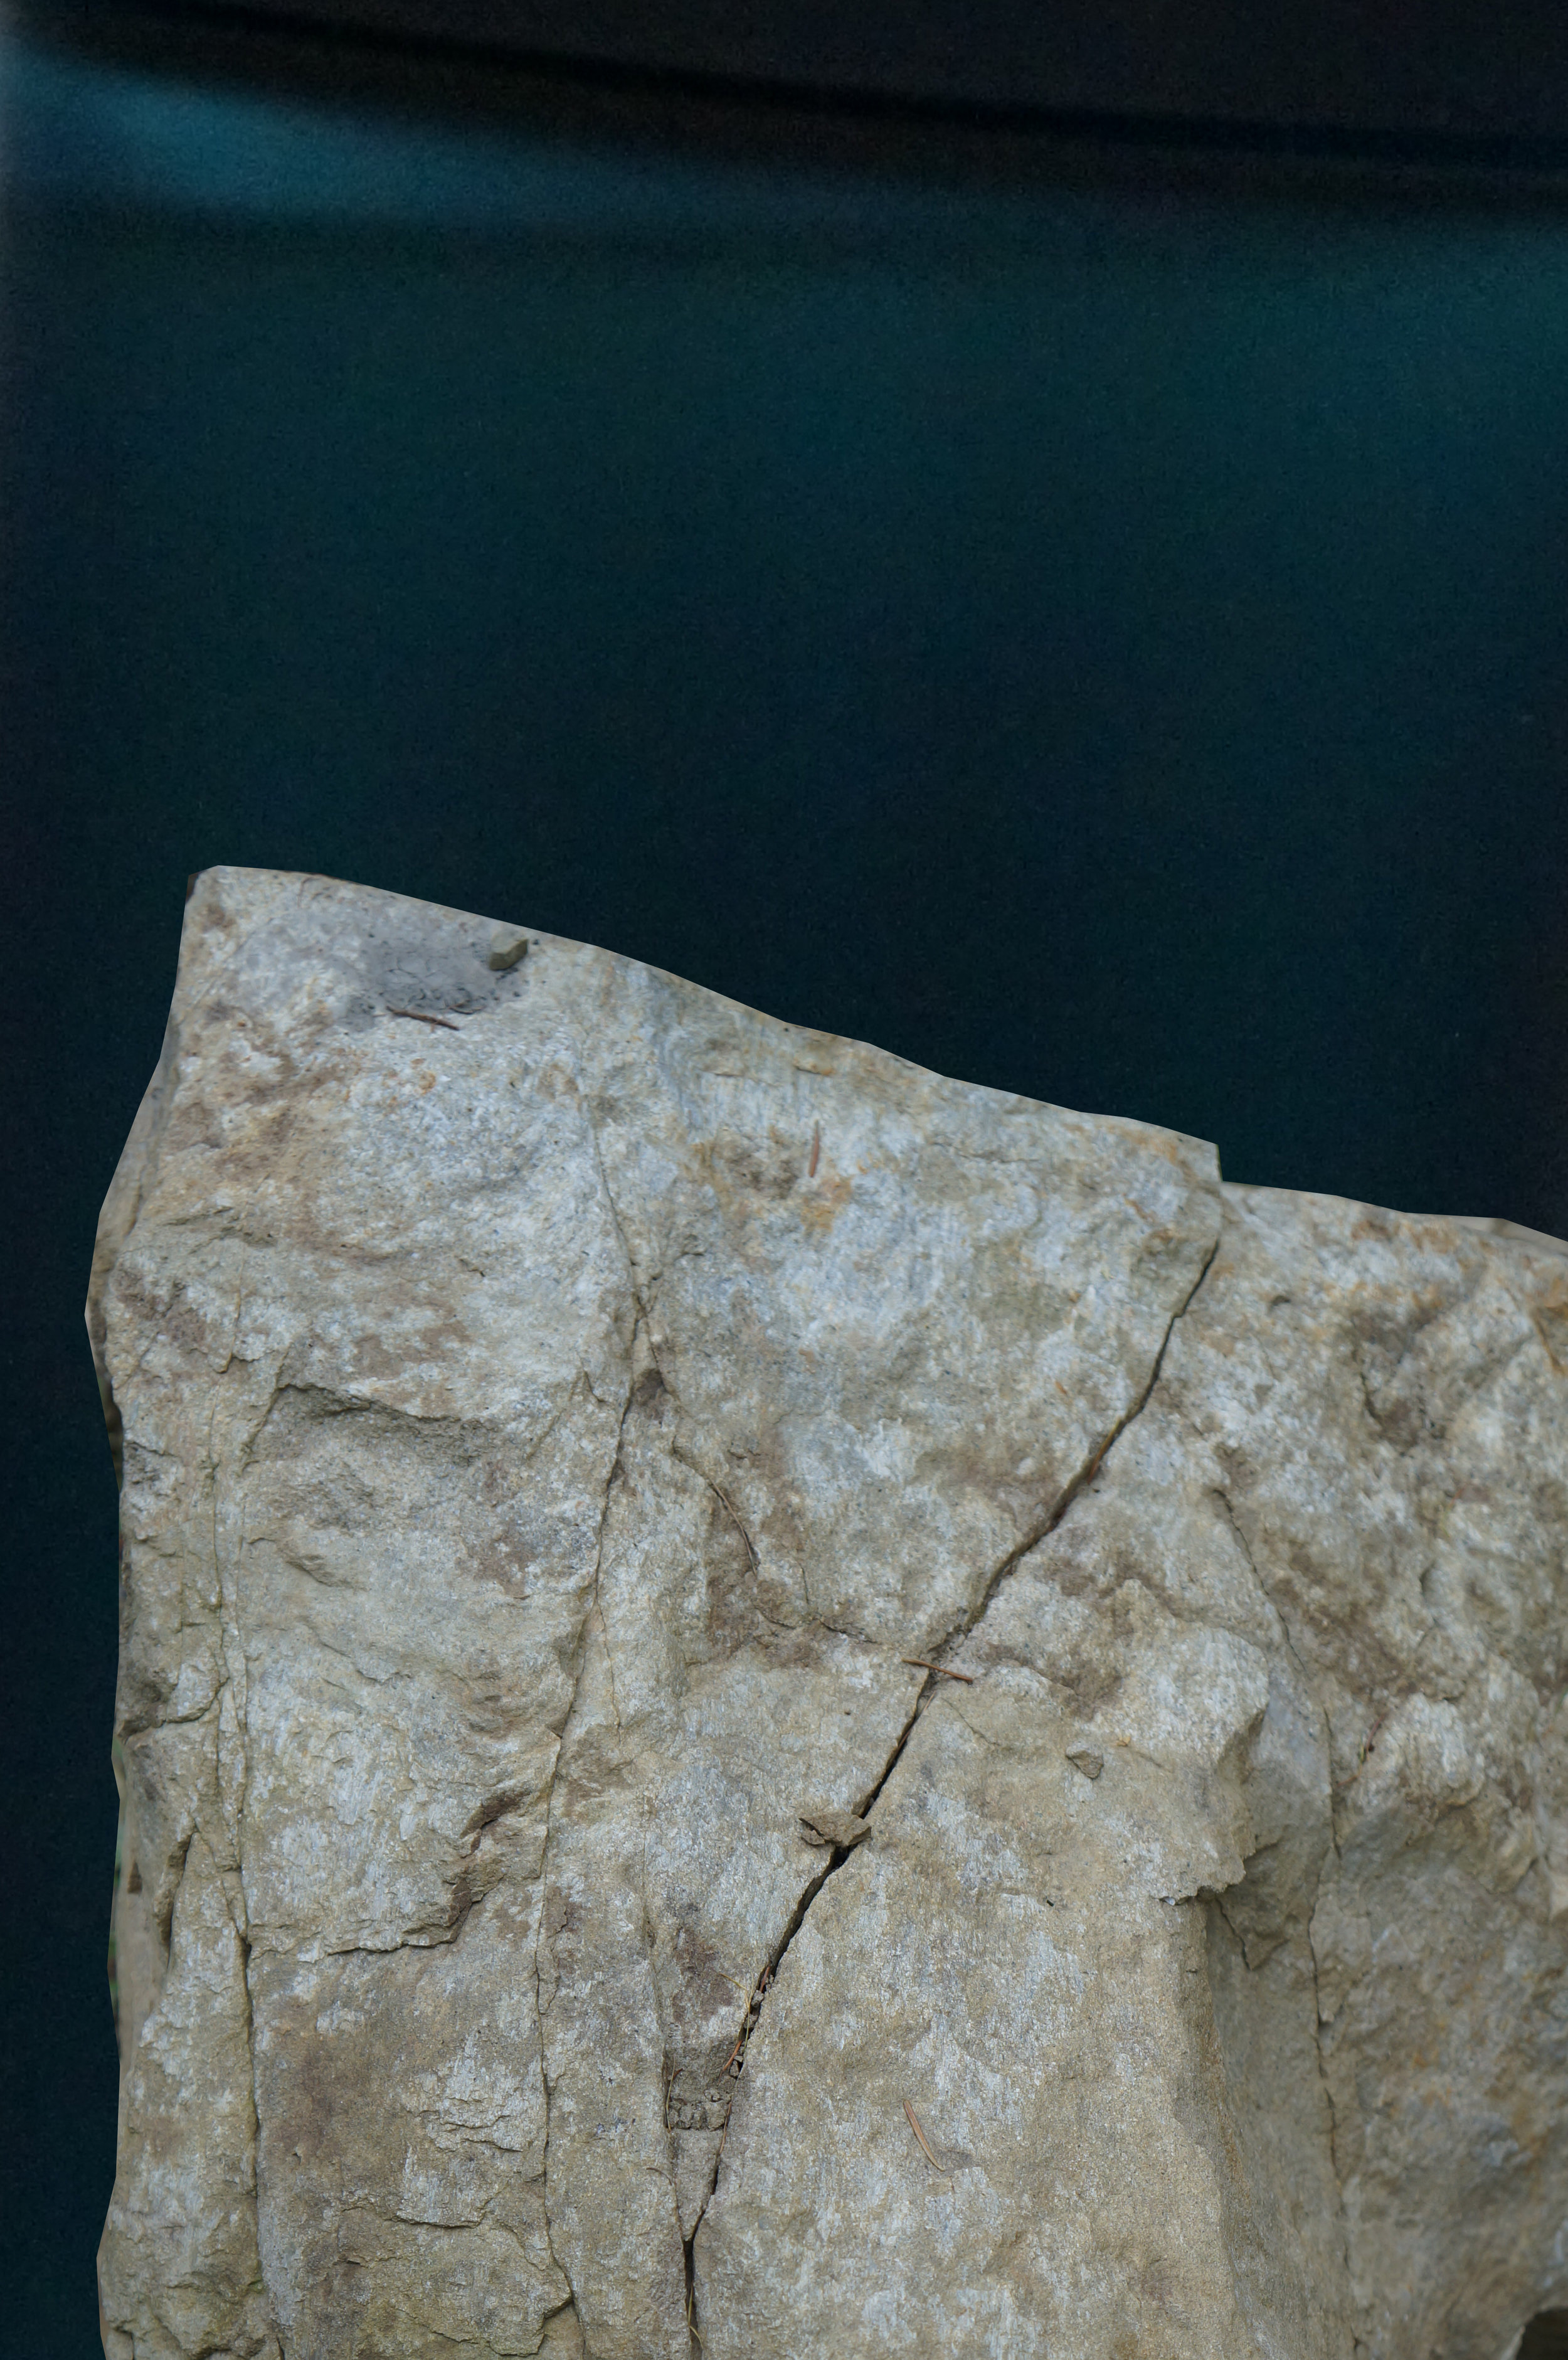 Kamien2002h2.jpg